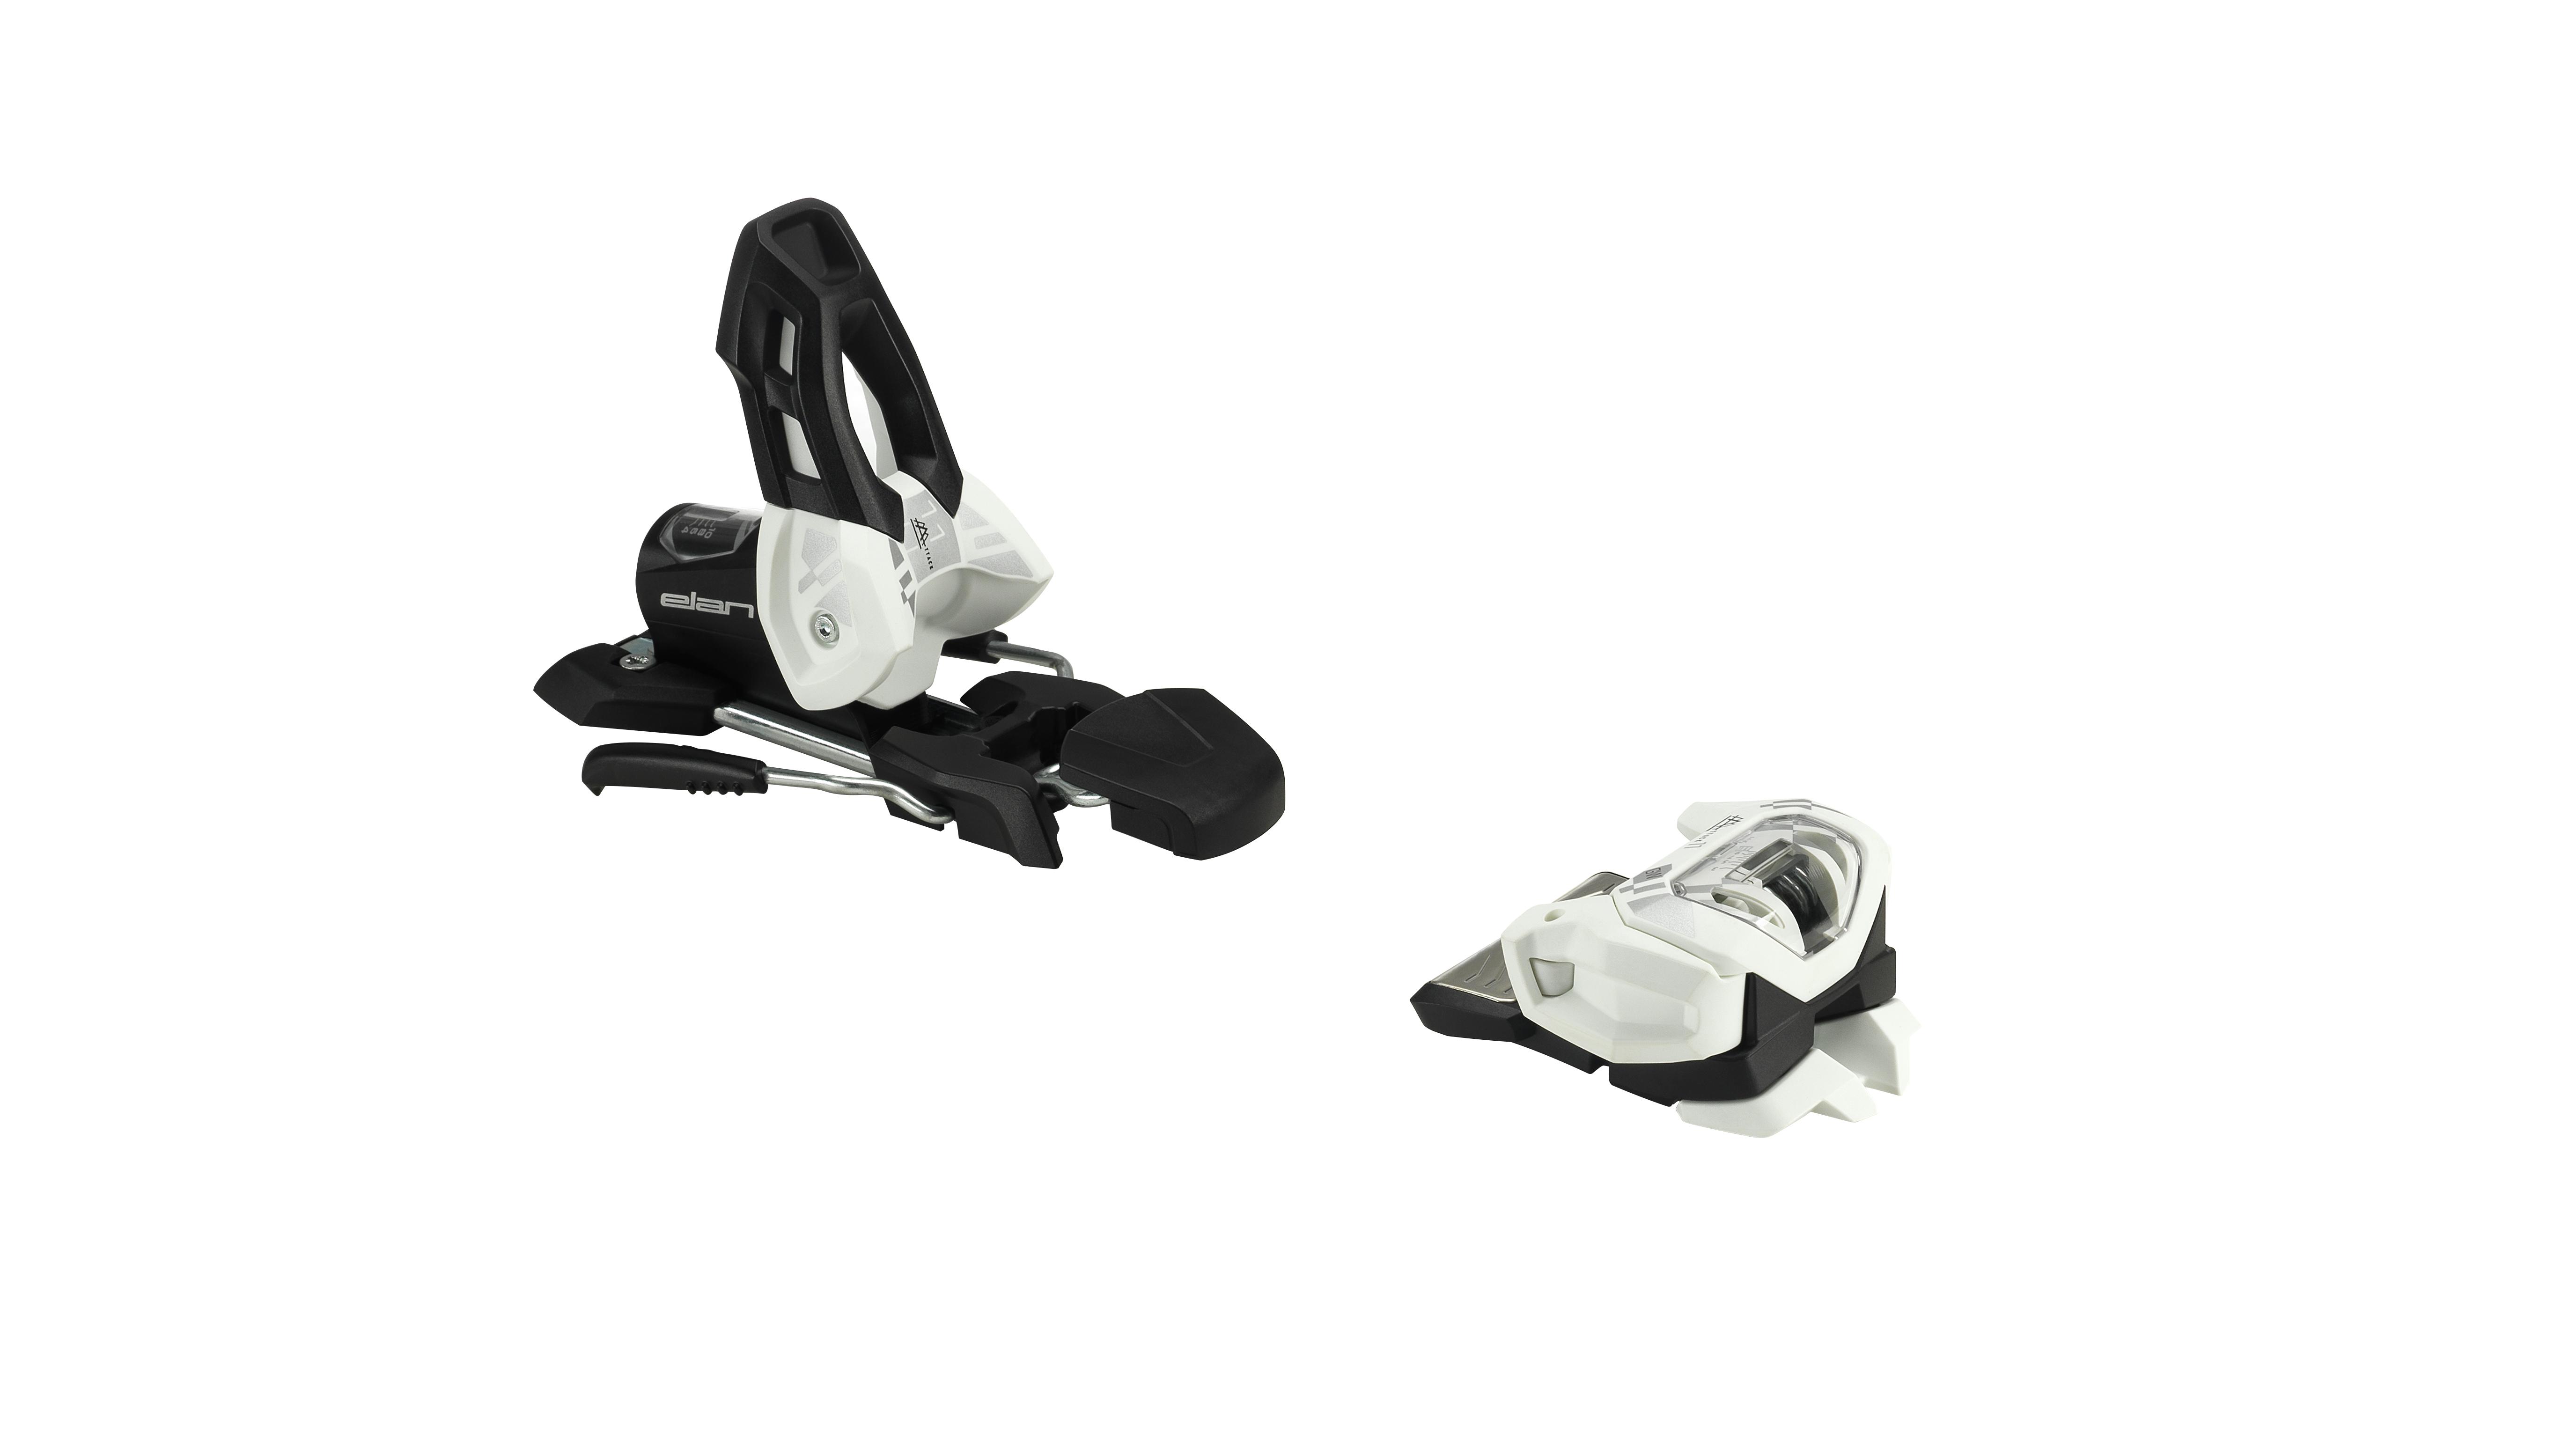 Горнолыжные крепления Elan Независимые ATTACK2 11 GW w/o brake (б/р:ONE SIZE), Горные лыжи - арт. 969480420